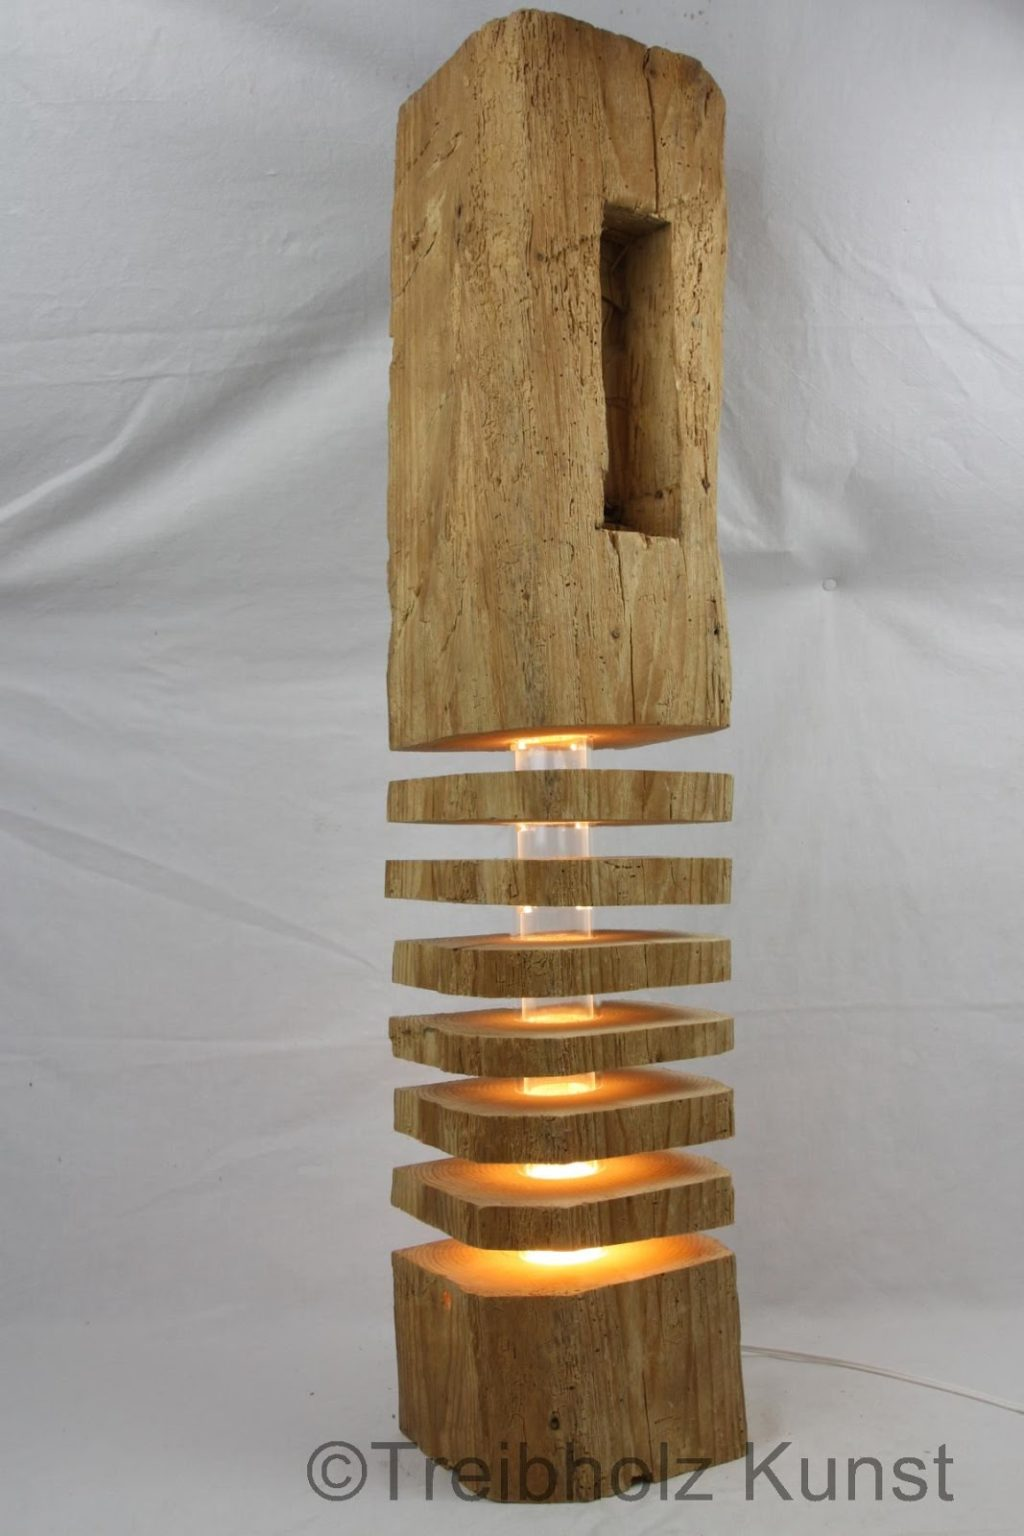 Full Size of Holz Led Lampe Selber Bauen Einzigartige Treibholz Lampen Zum Leder Sofa Esstisch Holzbrett Küche Bodengleiche Dusche Nachträglich Einbauen Massivholz Mit Wohnzimmer Holz Led Lampe Selber Bauen